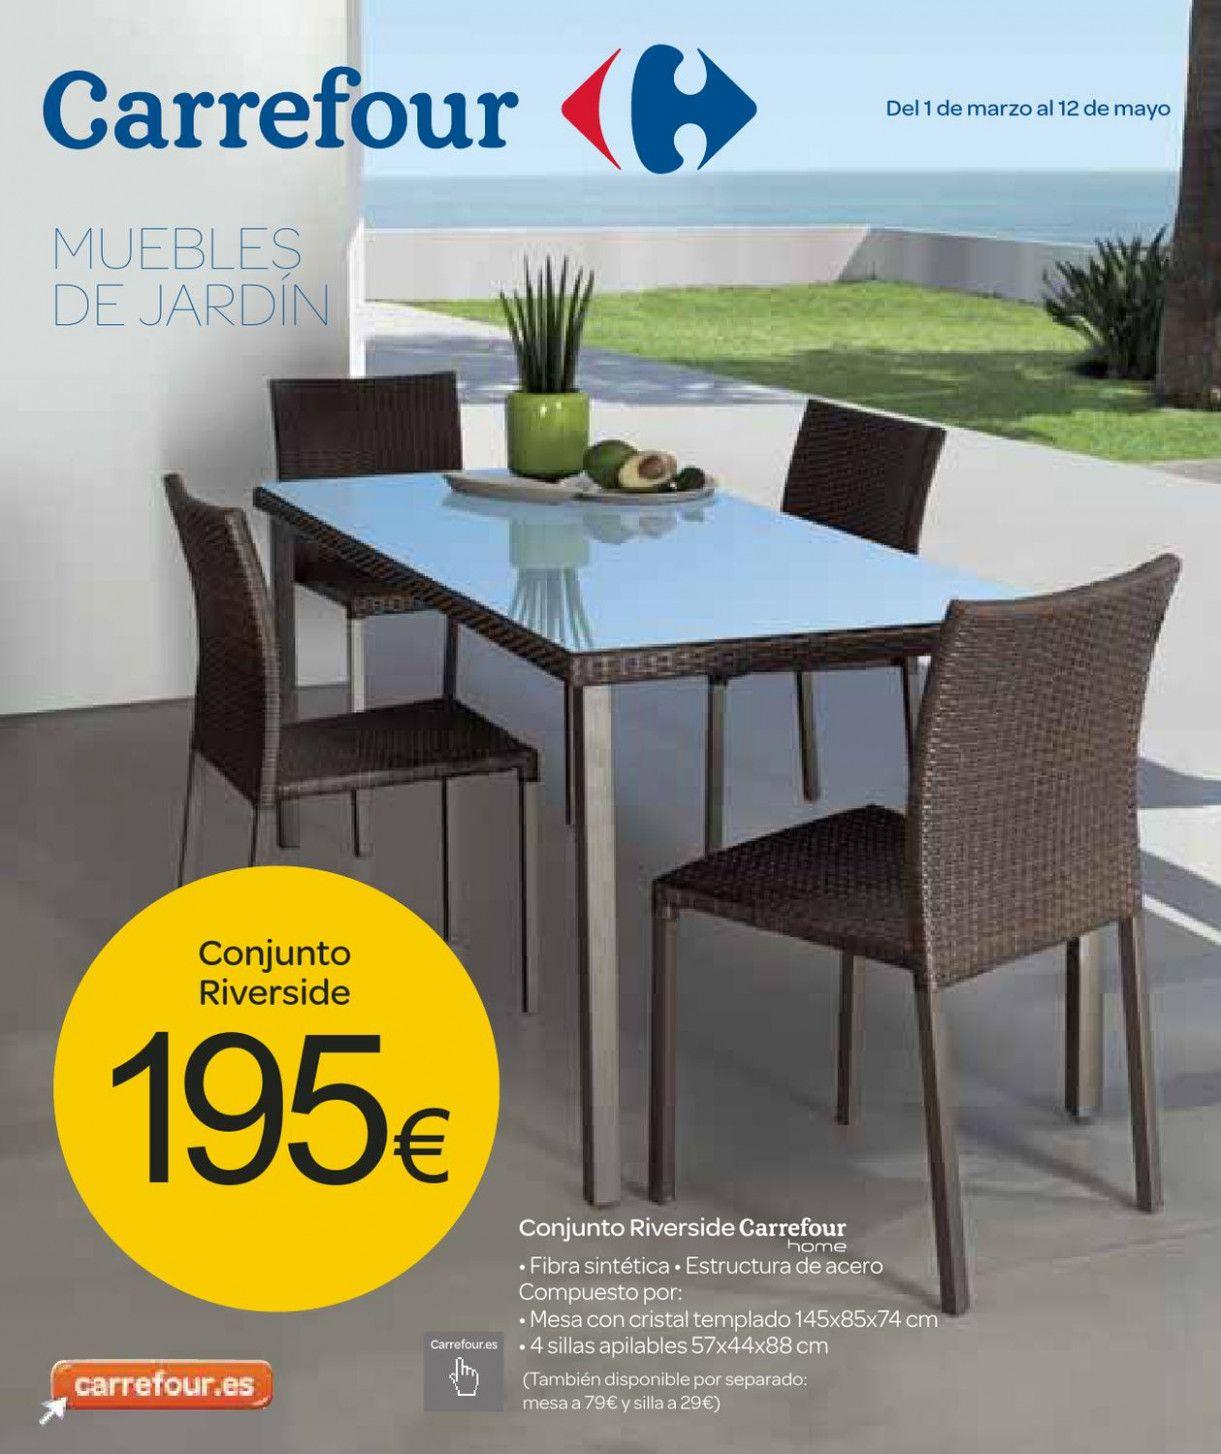 Muebles De Jardin Carrefour Muebles De Jardin Carrefour Muebles